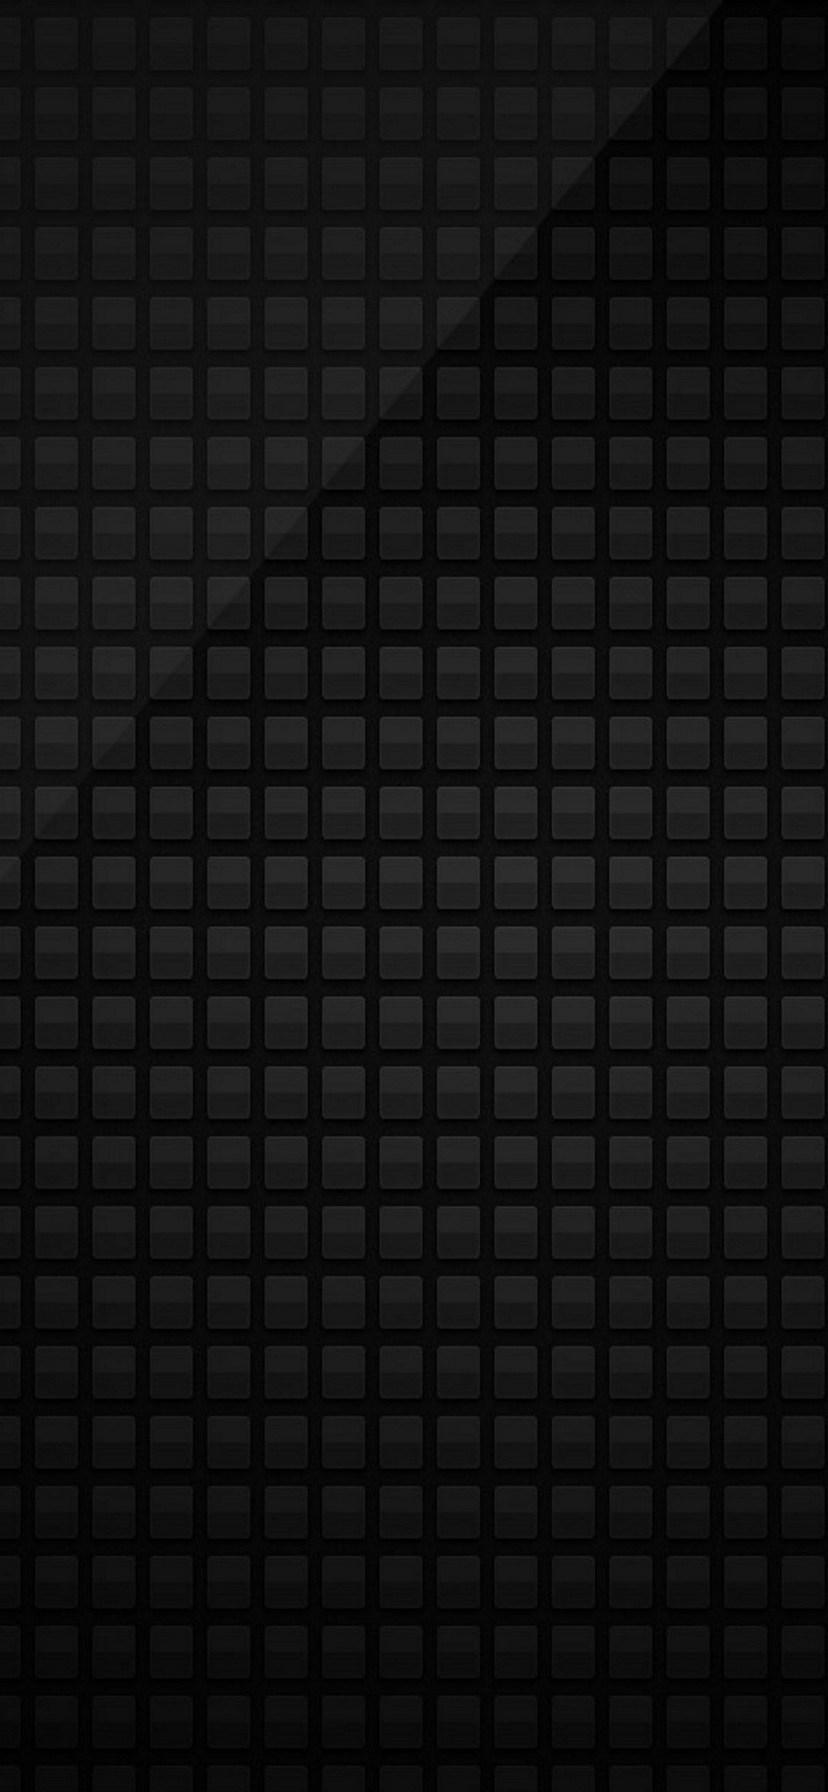 シンプルな黒のスクウェア Iphone 11 スマホ壁紙 待ち受け スマラン